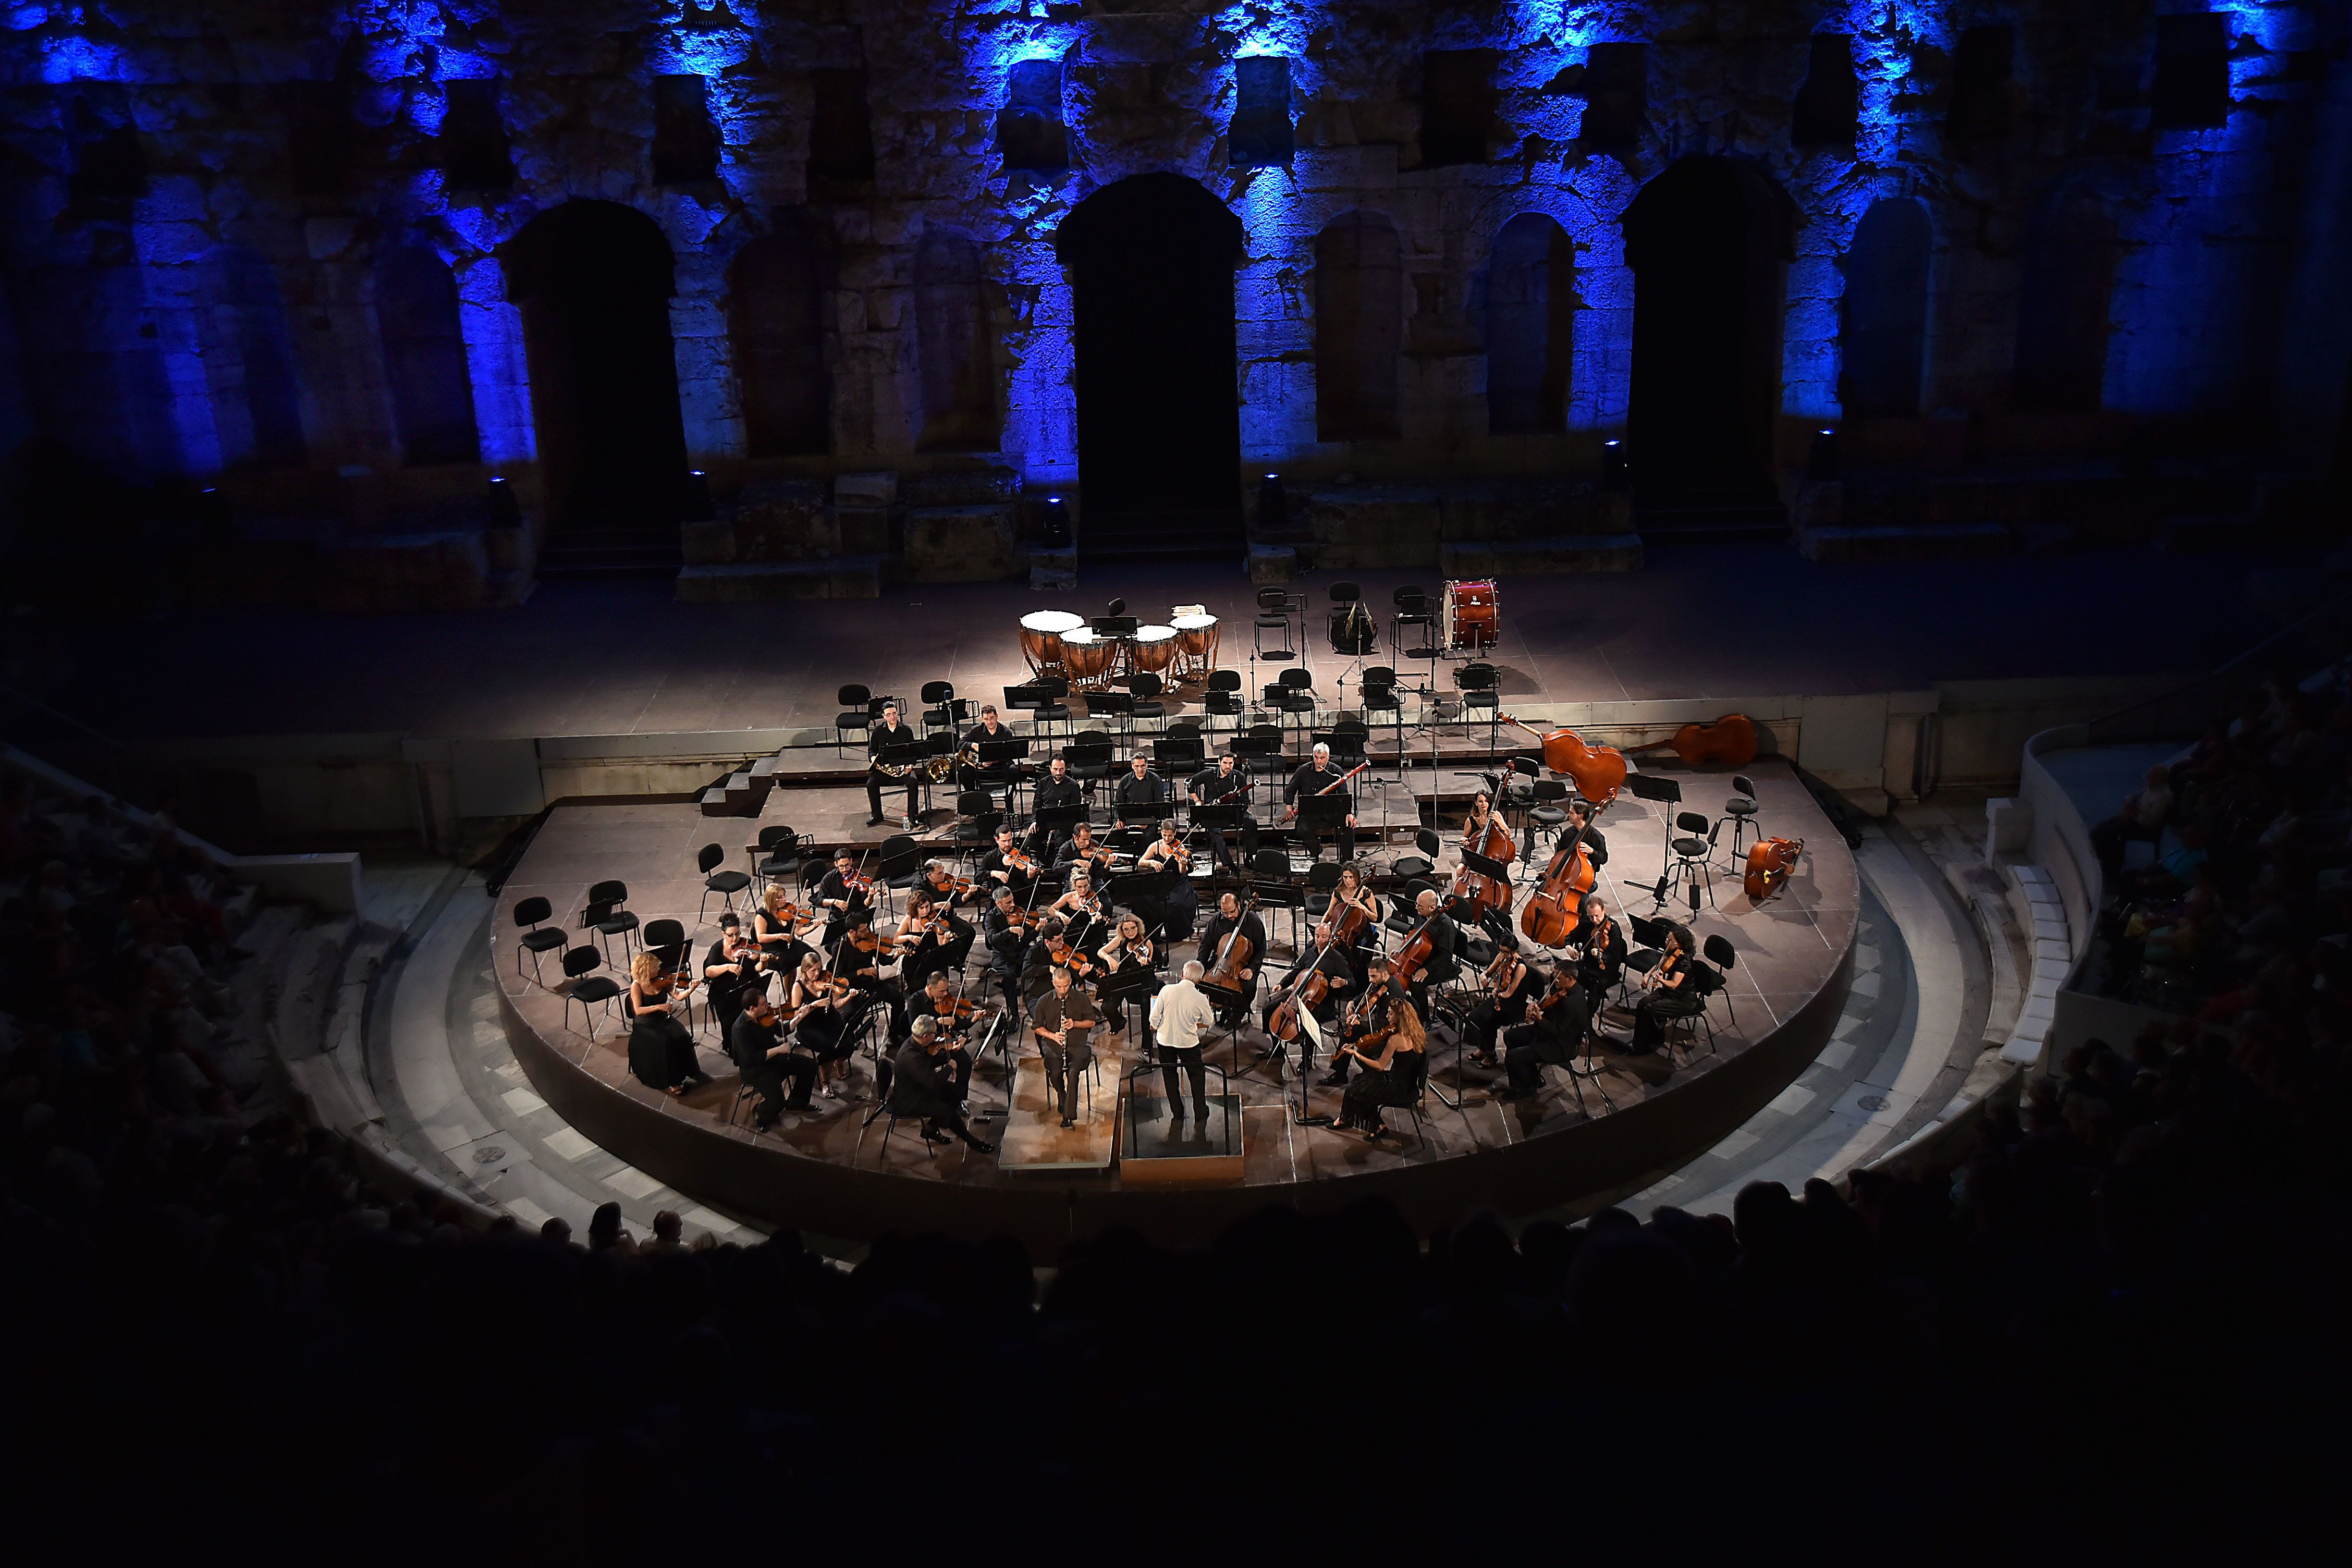 Συναυλία αλληλεγγύης στις 29 Αυγούστου στο Ηρώδειο για τους